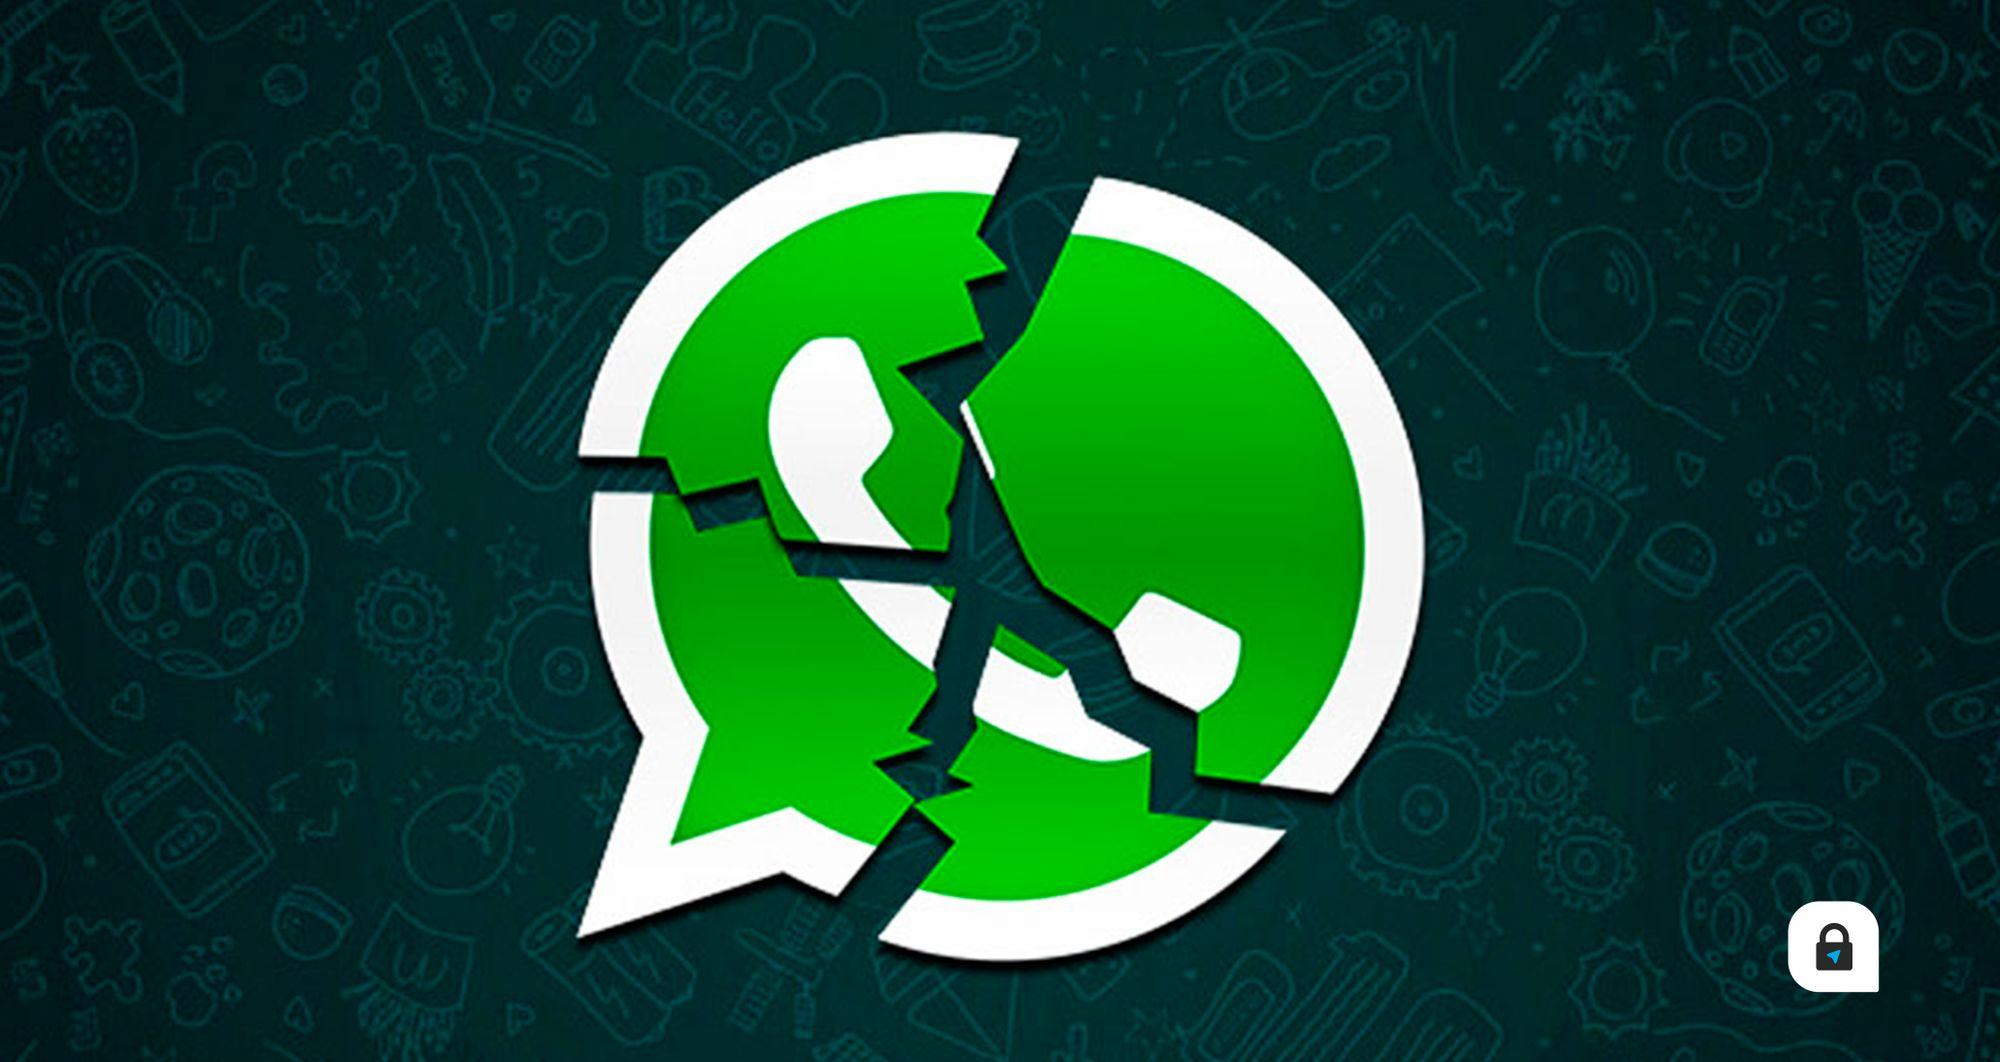 Пользователи WhatsApp столкнулись с новой проблемой